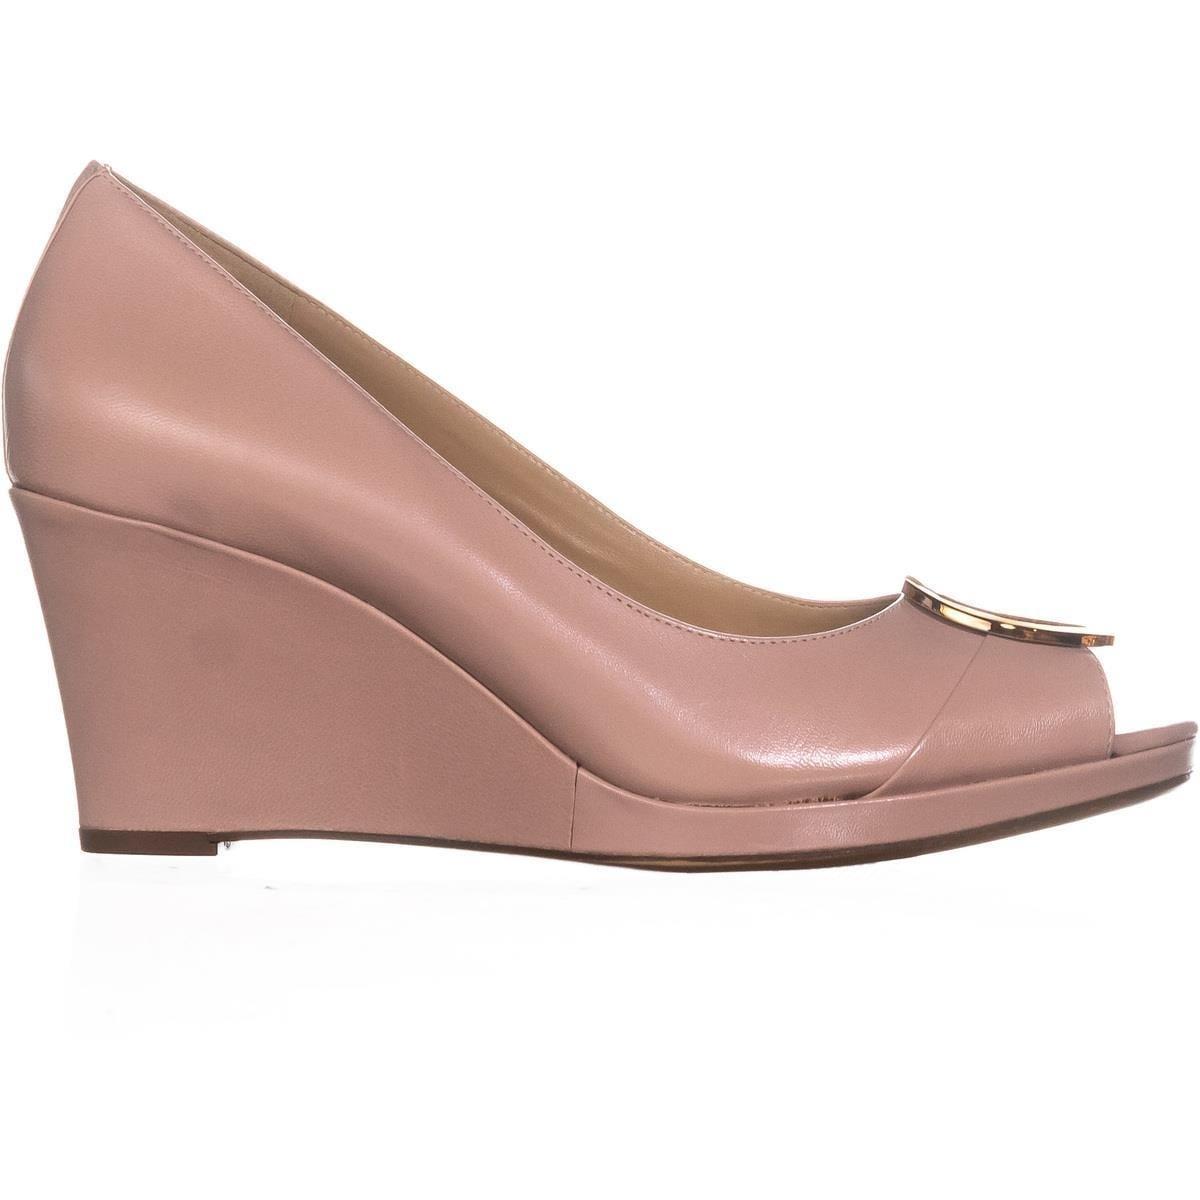 8be33b1703f7 Shop naturalizer Ollie Peep Toe Wedge Heels